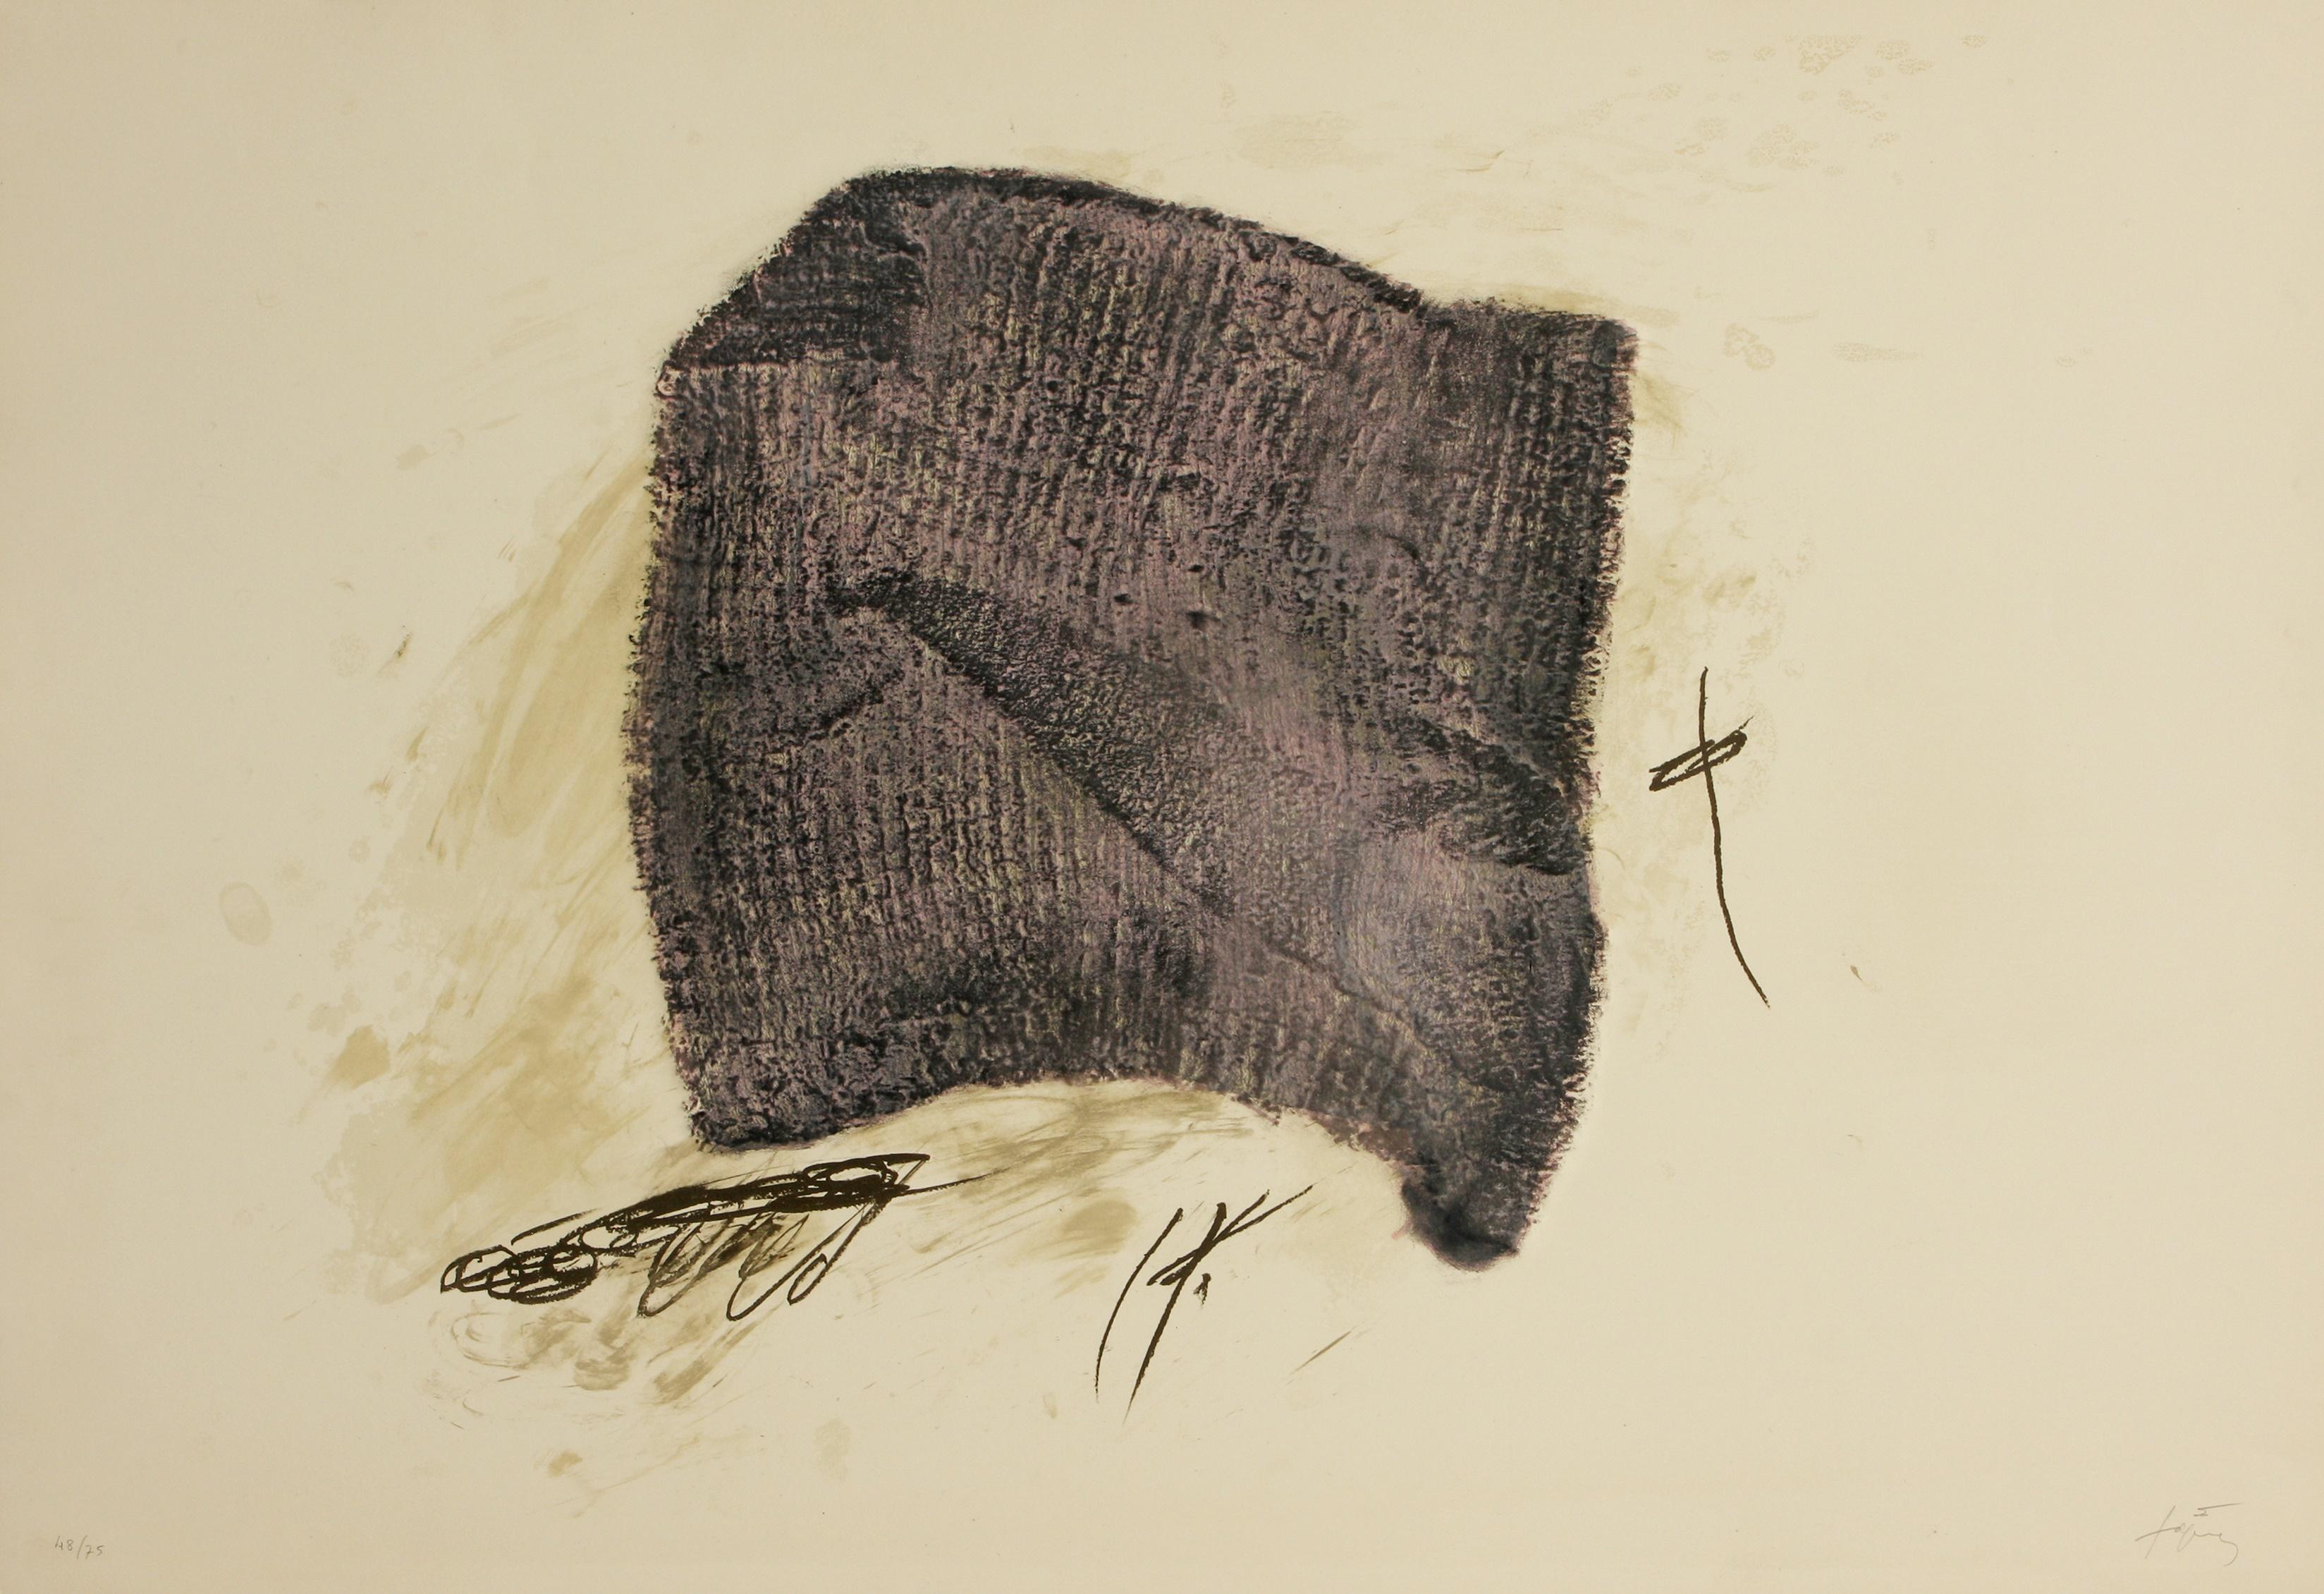 Antoni Tàpies (Spain 1923-2012) La Serpillière (The Mop), 1971